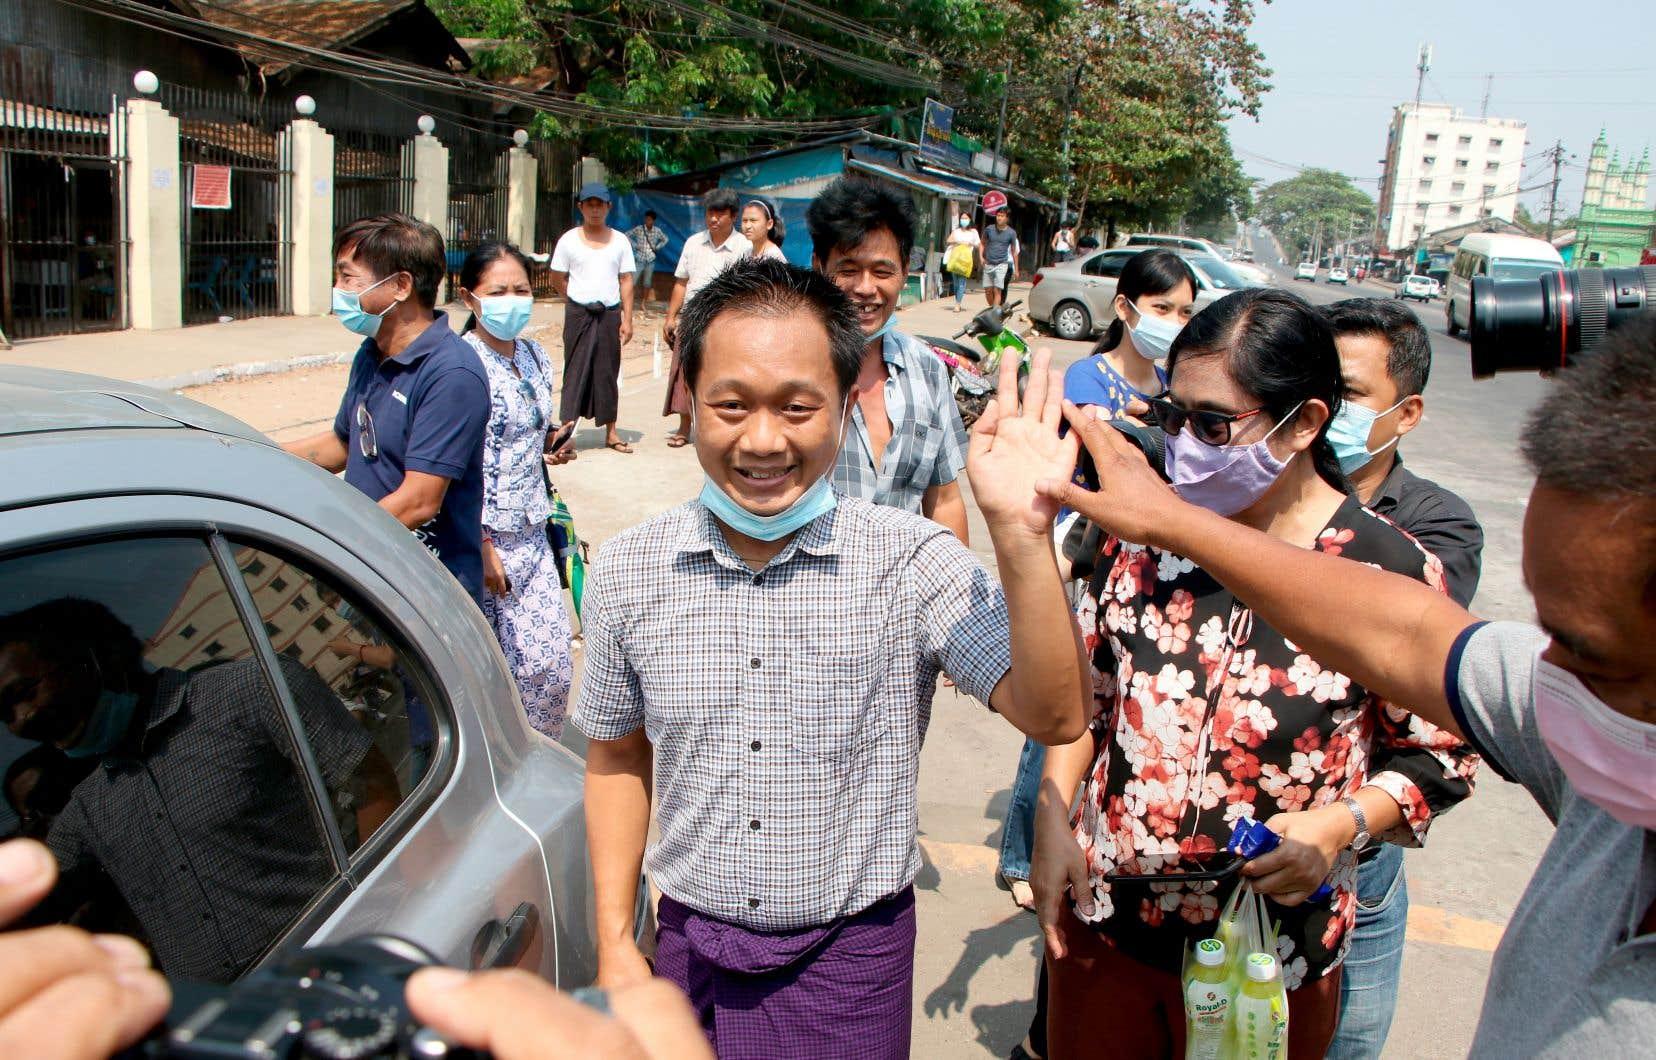 Thein Zaw, un photographe myanmarais de l'agence de presse américaine Associated Press, a été libéré par la junte miliaire, mercredi. Il avait été arrêté fin février en couvrant des manifestations contre la junte et accusé d'avoir «répandu de fausses nouvelles». Il était détenu à la prison d'Insein, à Rangoun.